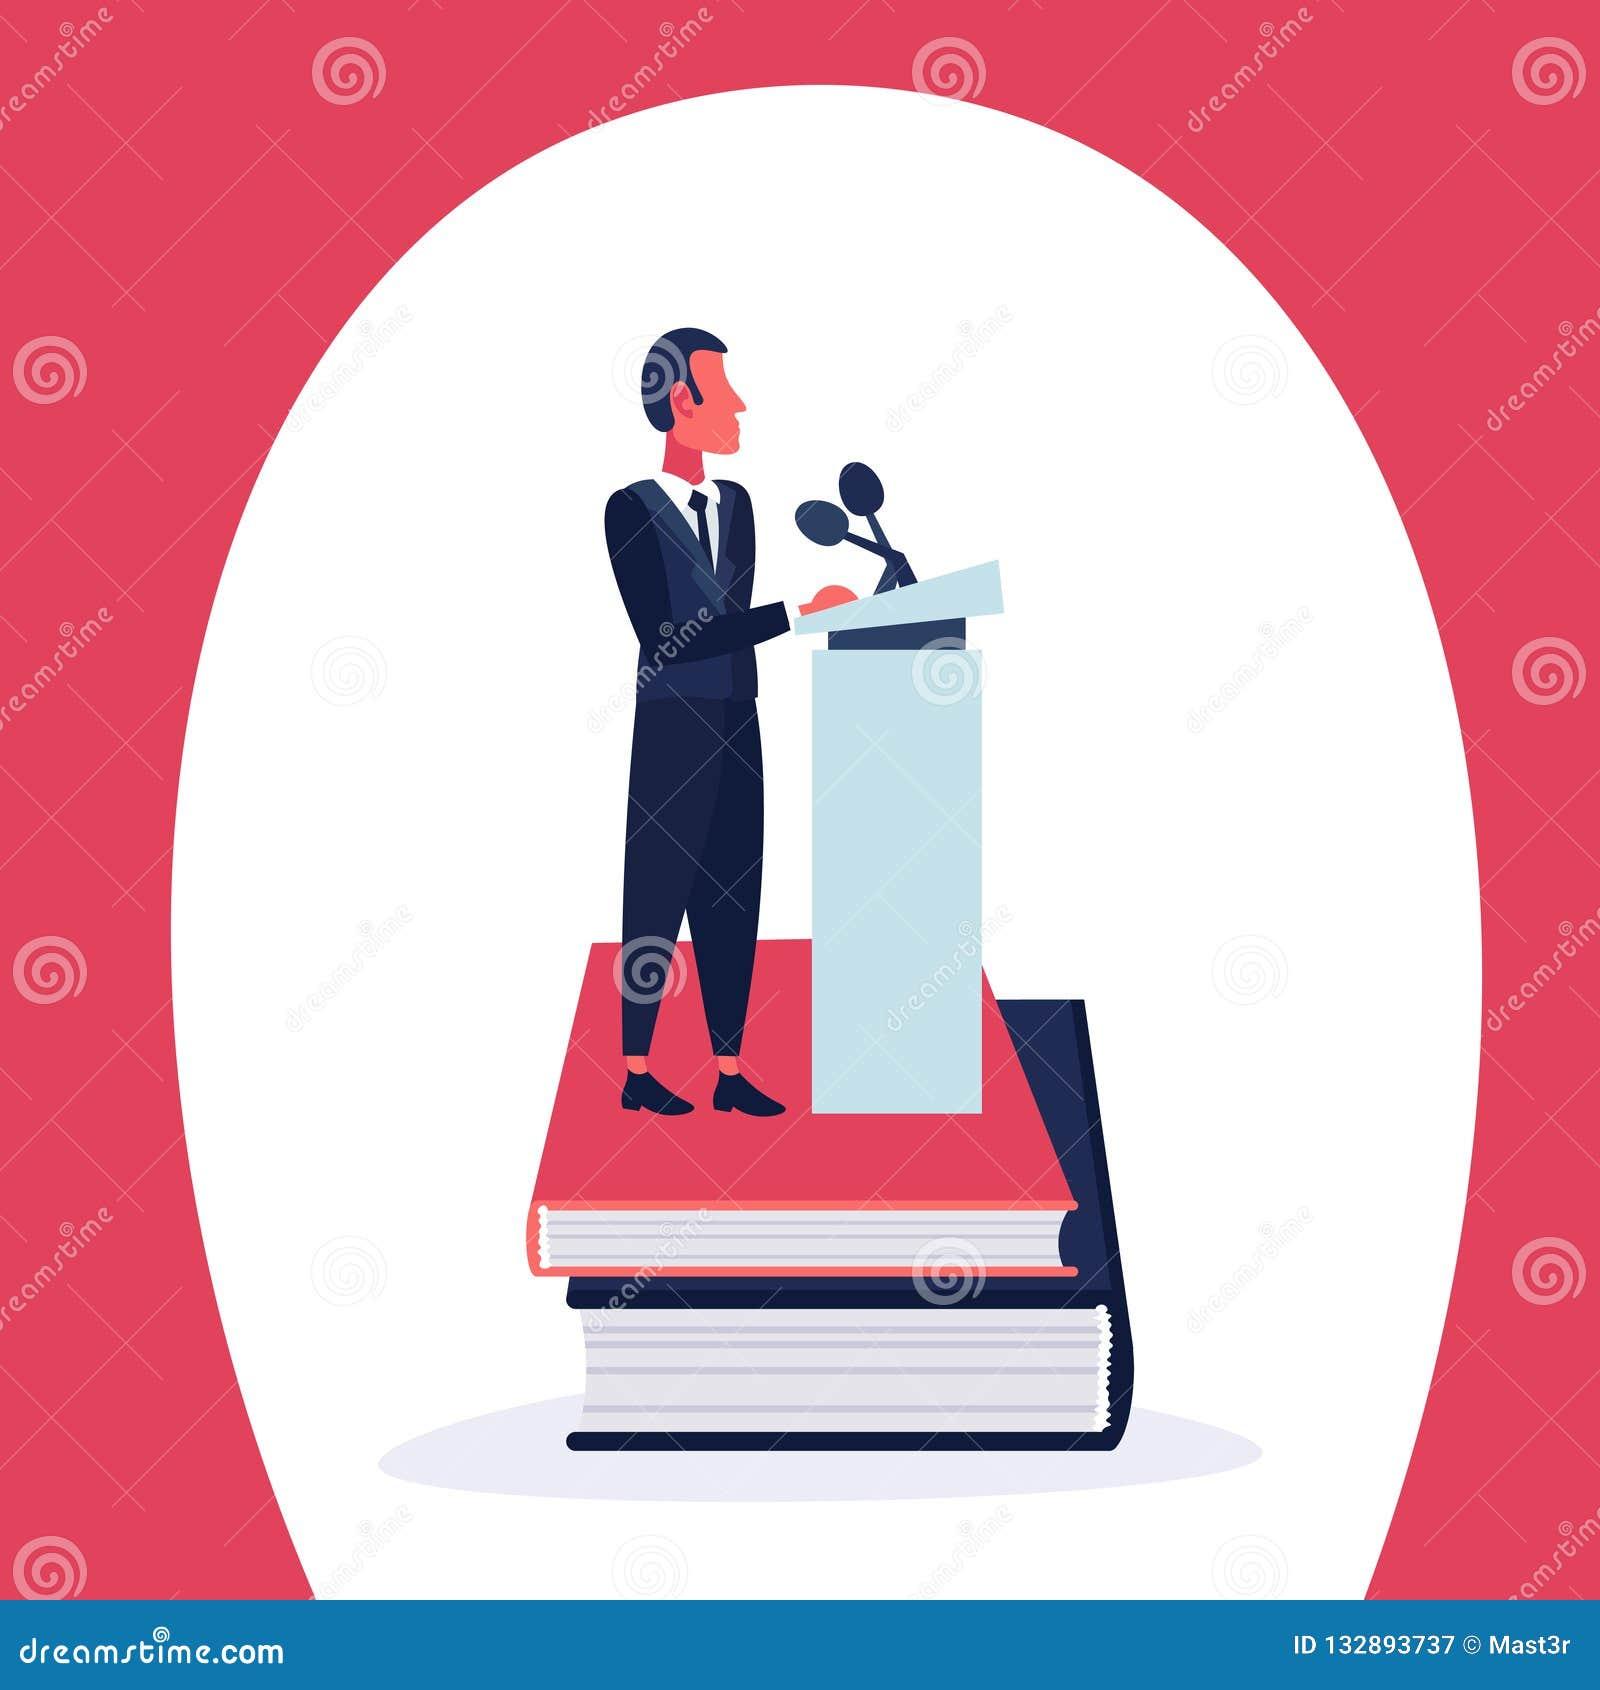 Comprimento completo isolado personagem de banda desenhada do microfone do conceito do líder do anunciador da tribuna da pilha de